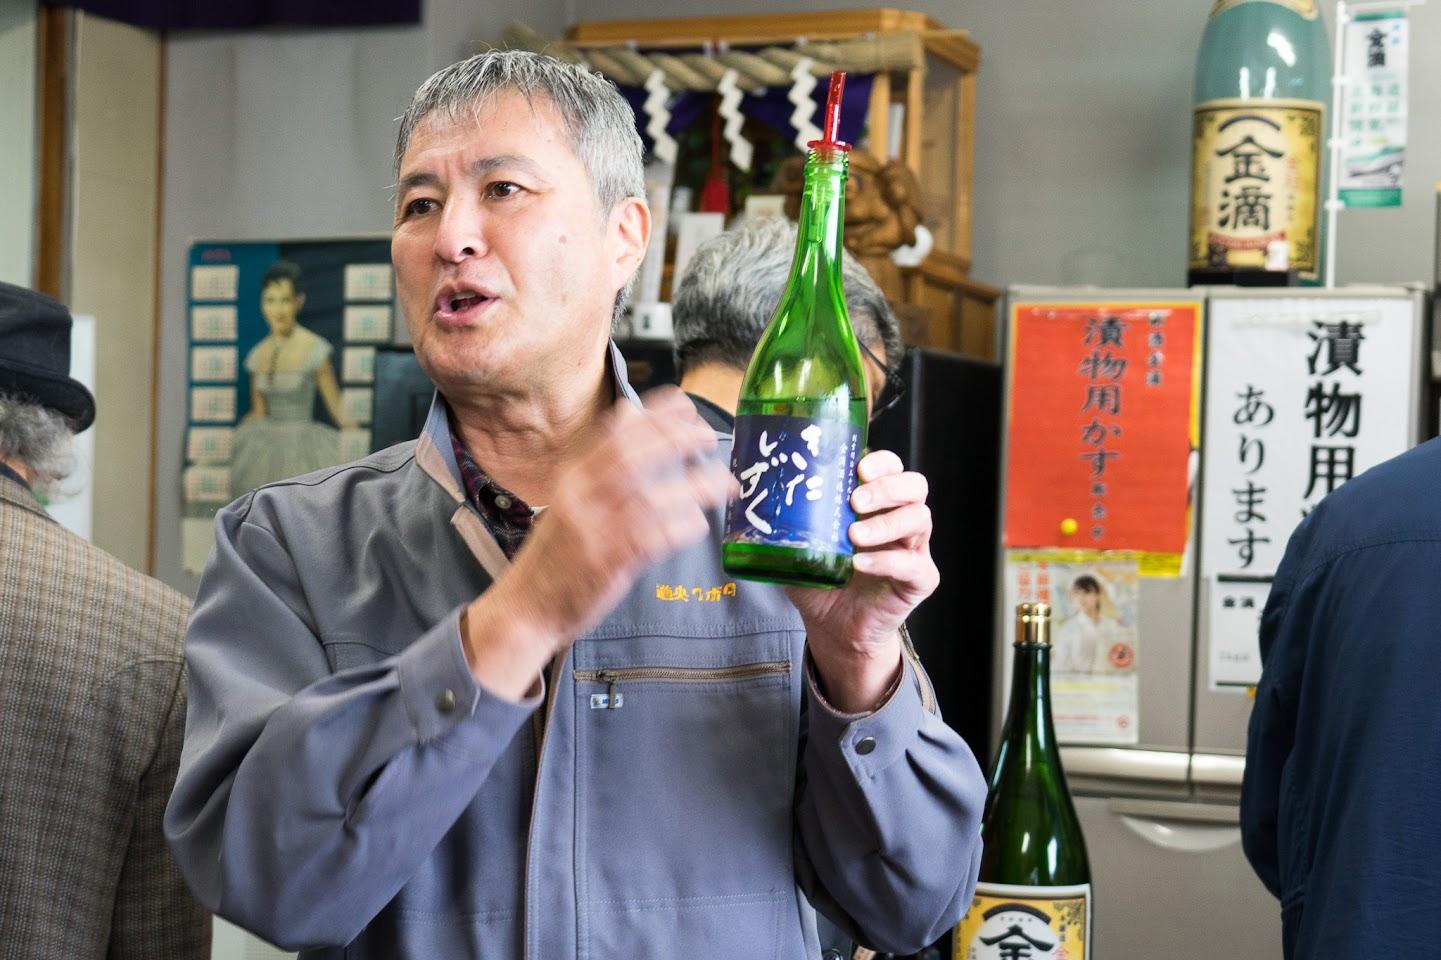 金滴酒造(株)・名取重和 営業部長のお